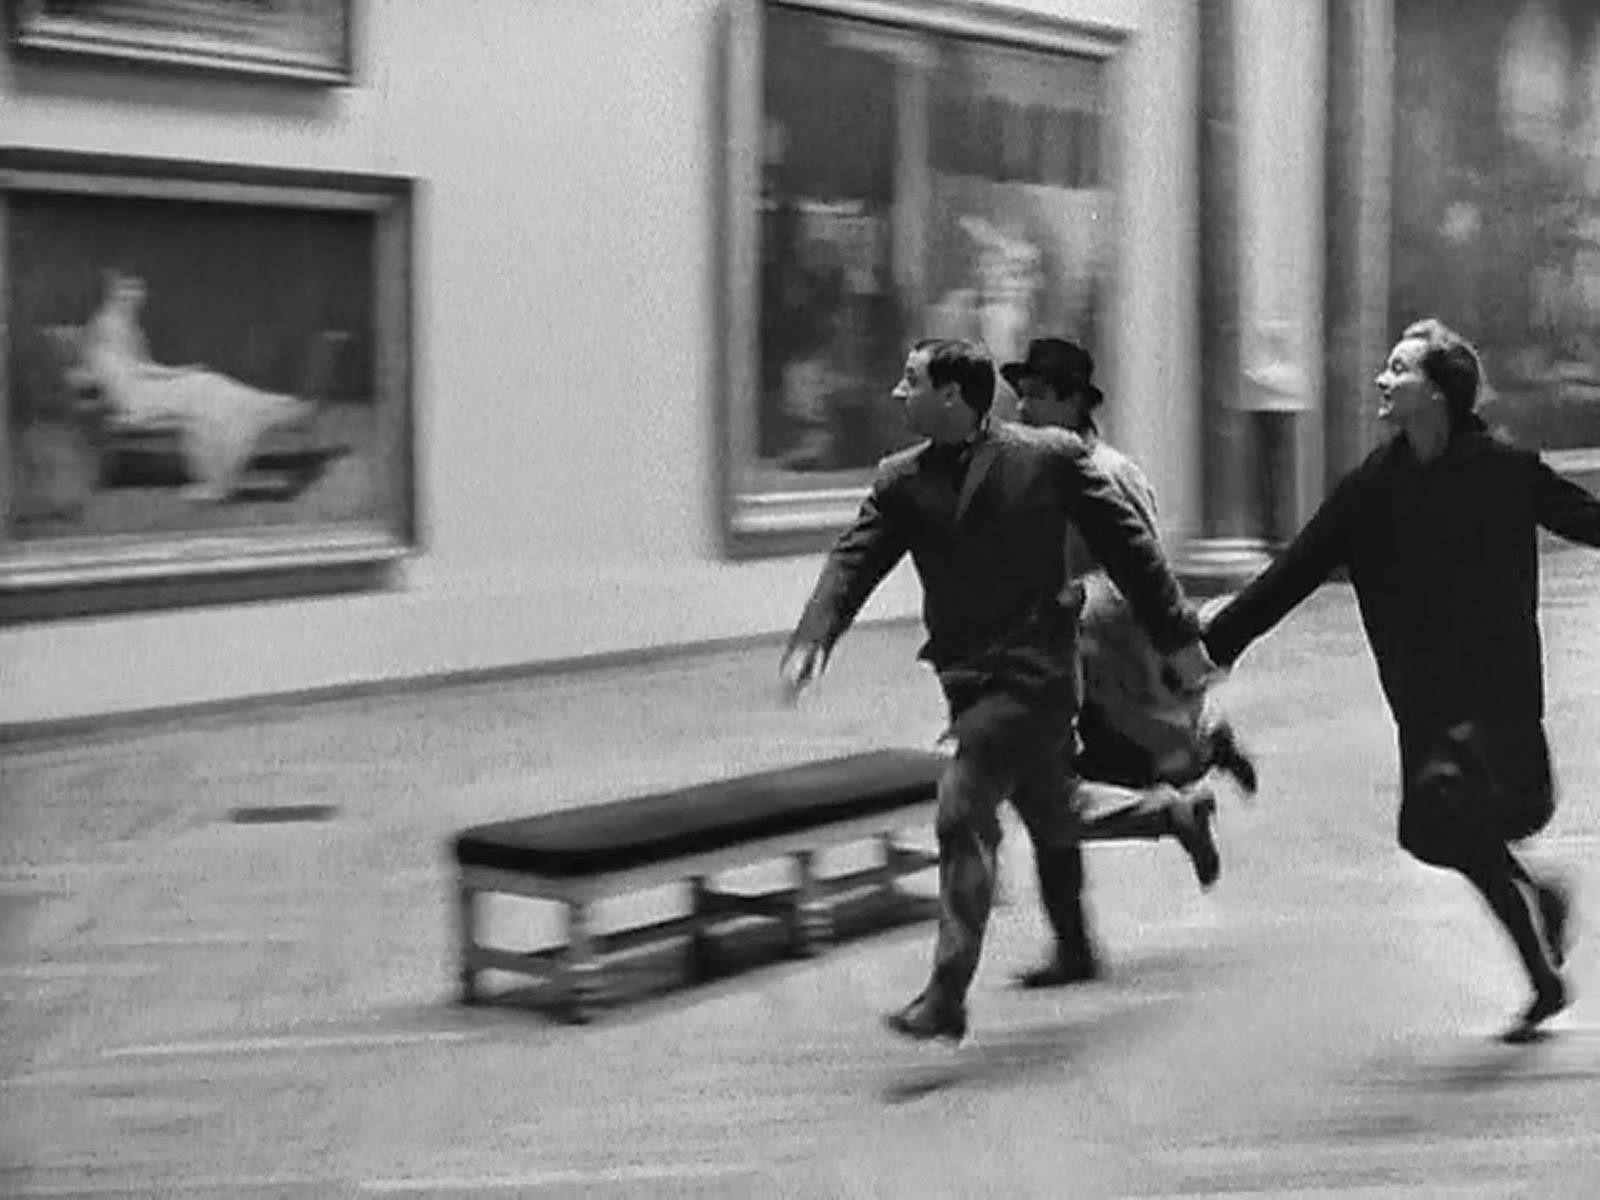 """Fotogramma da """"Bande à part"""" - Jean-Luc Godard (1964)"""